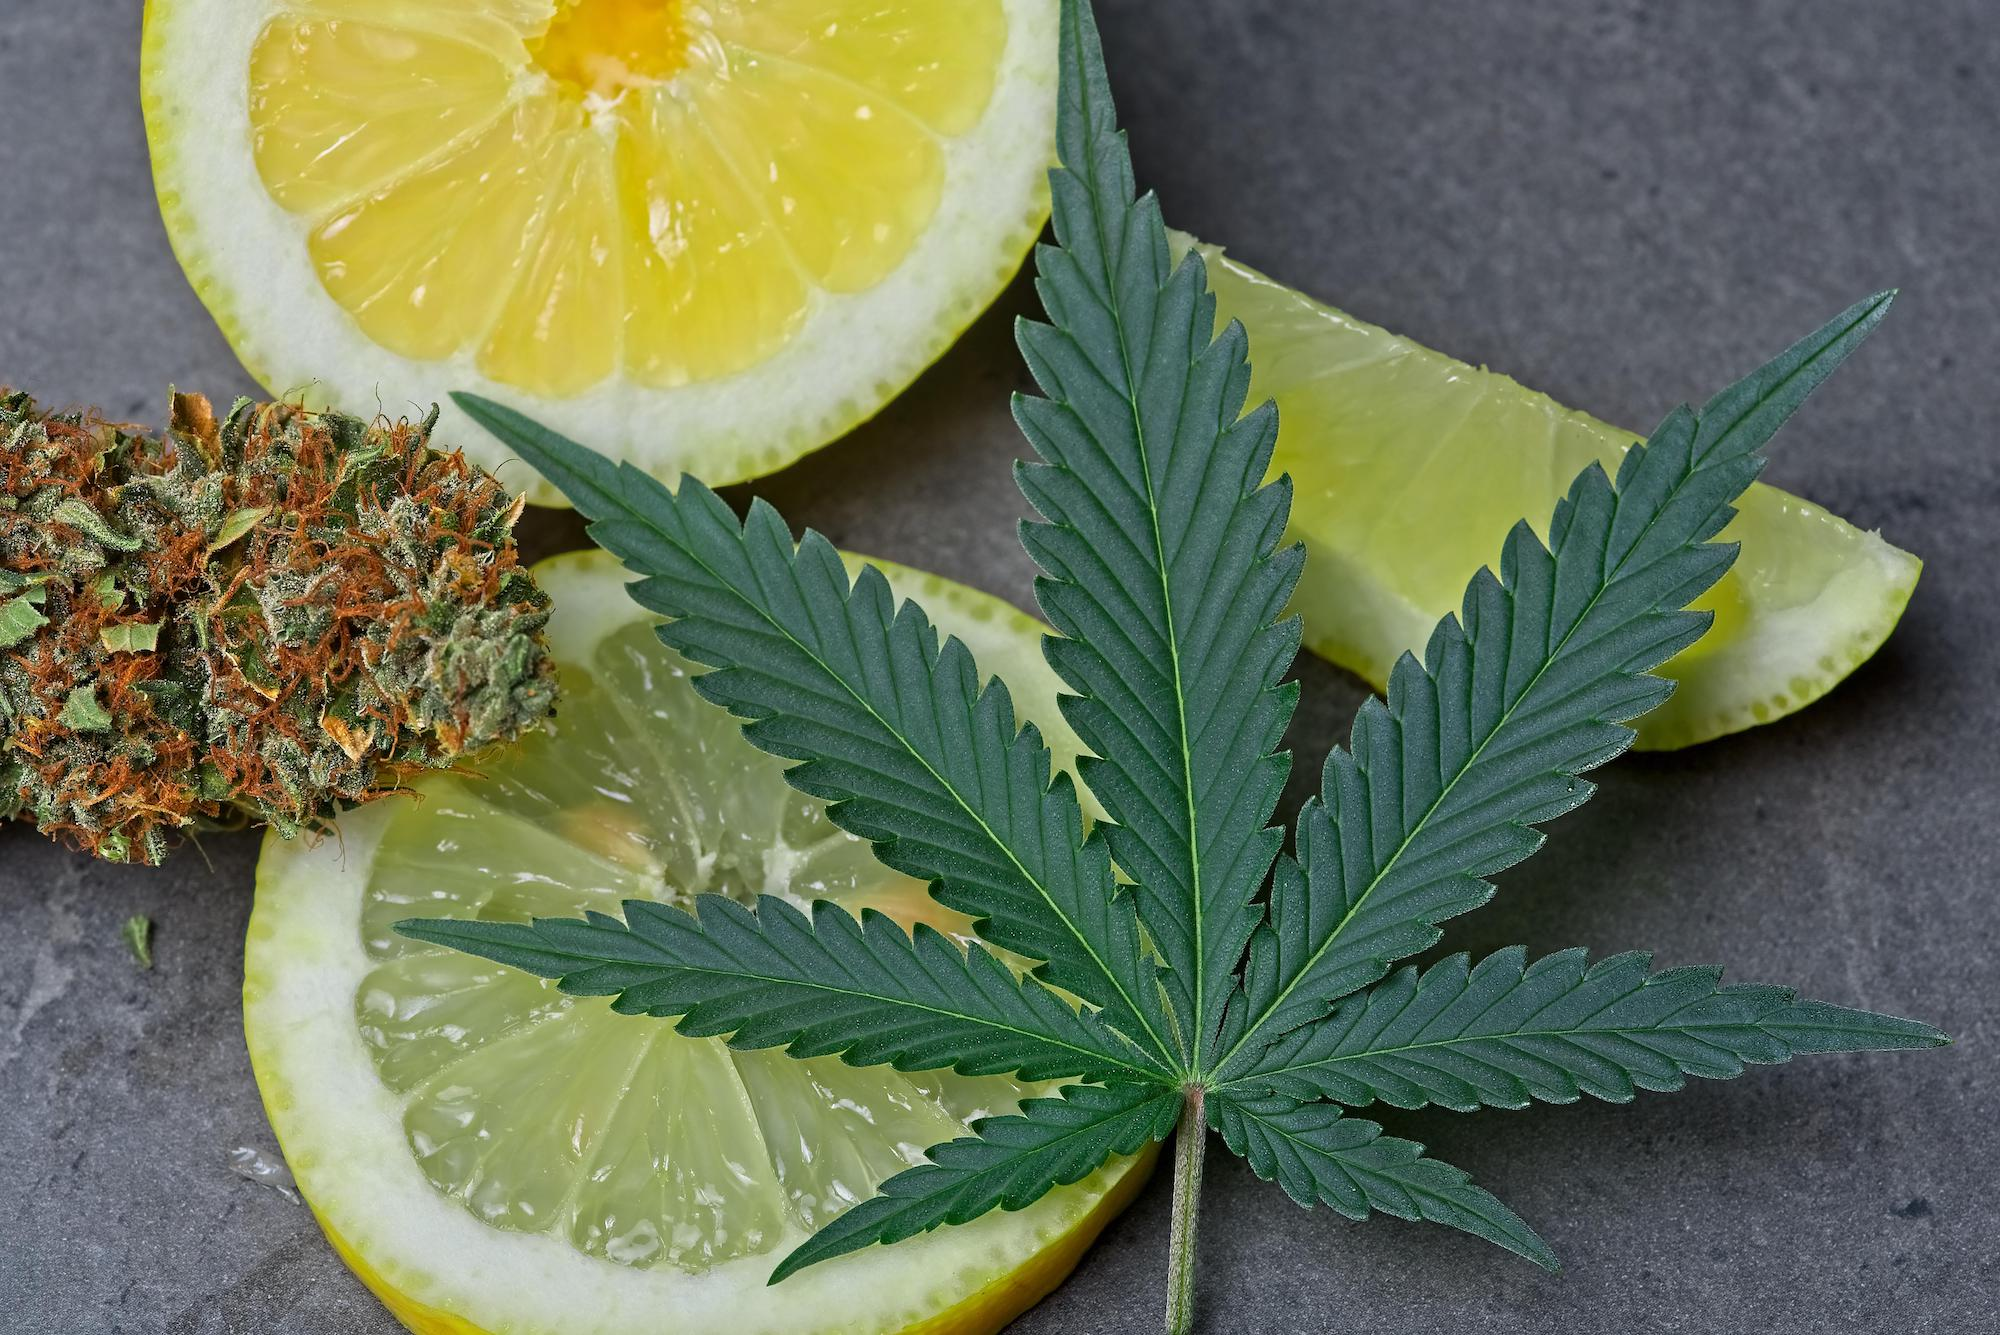 limonene terpene weed photo